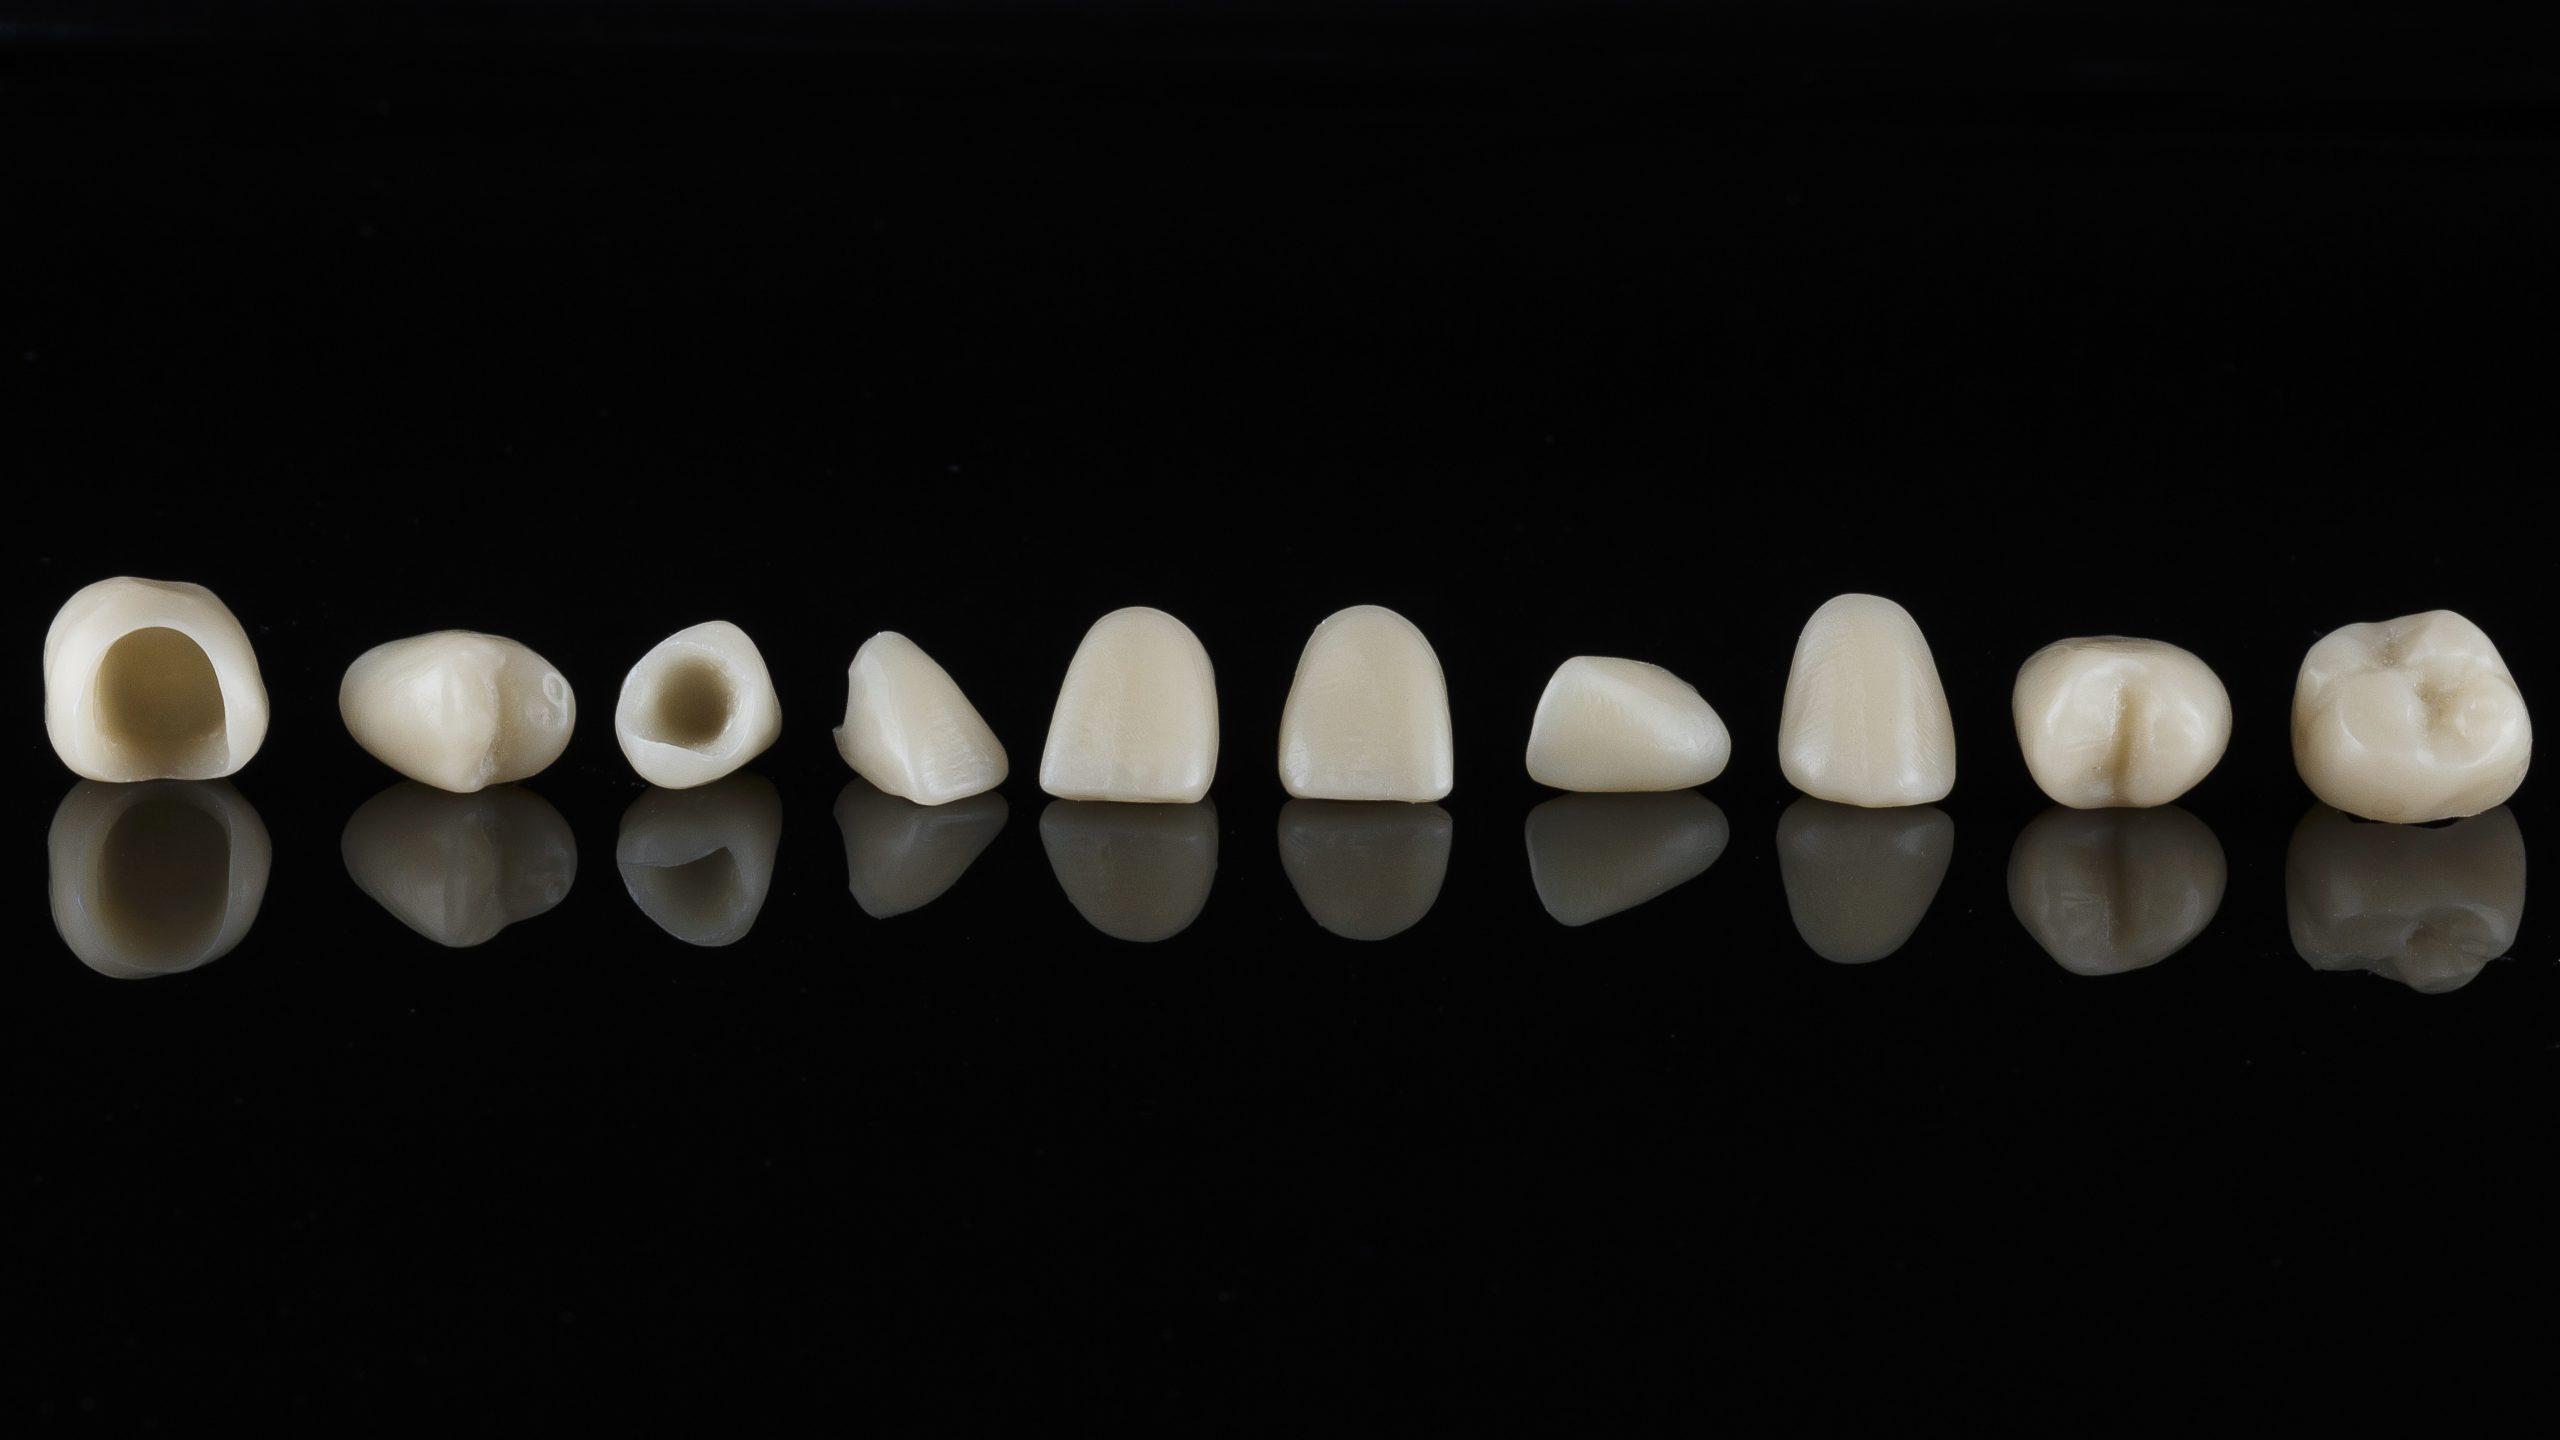 Dental crown of graphene, shot on a black background